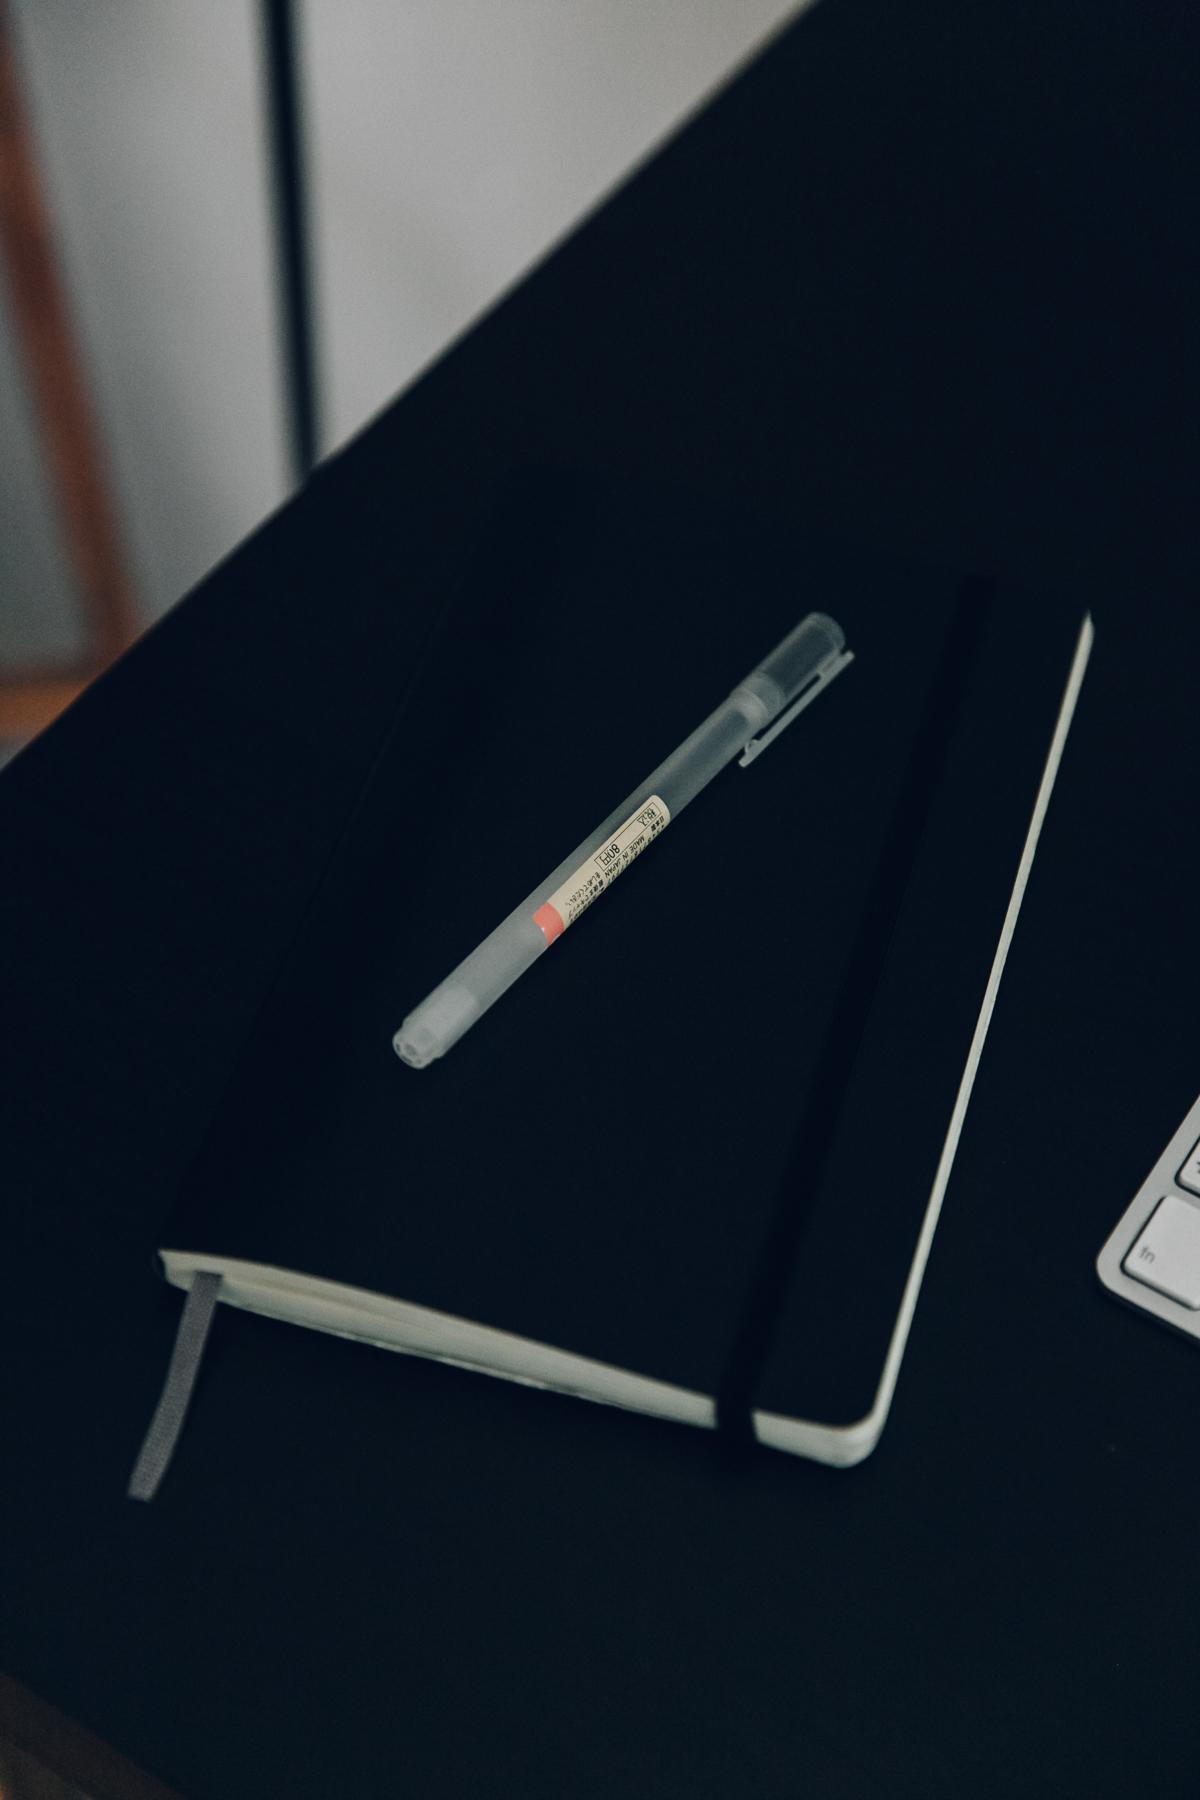 Muji pen and Moleskine diary.